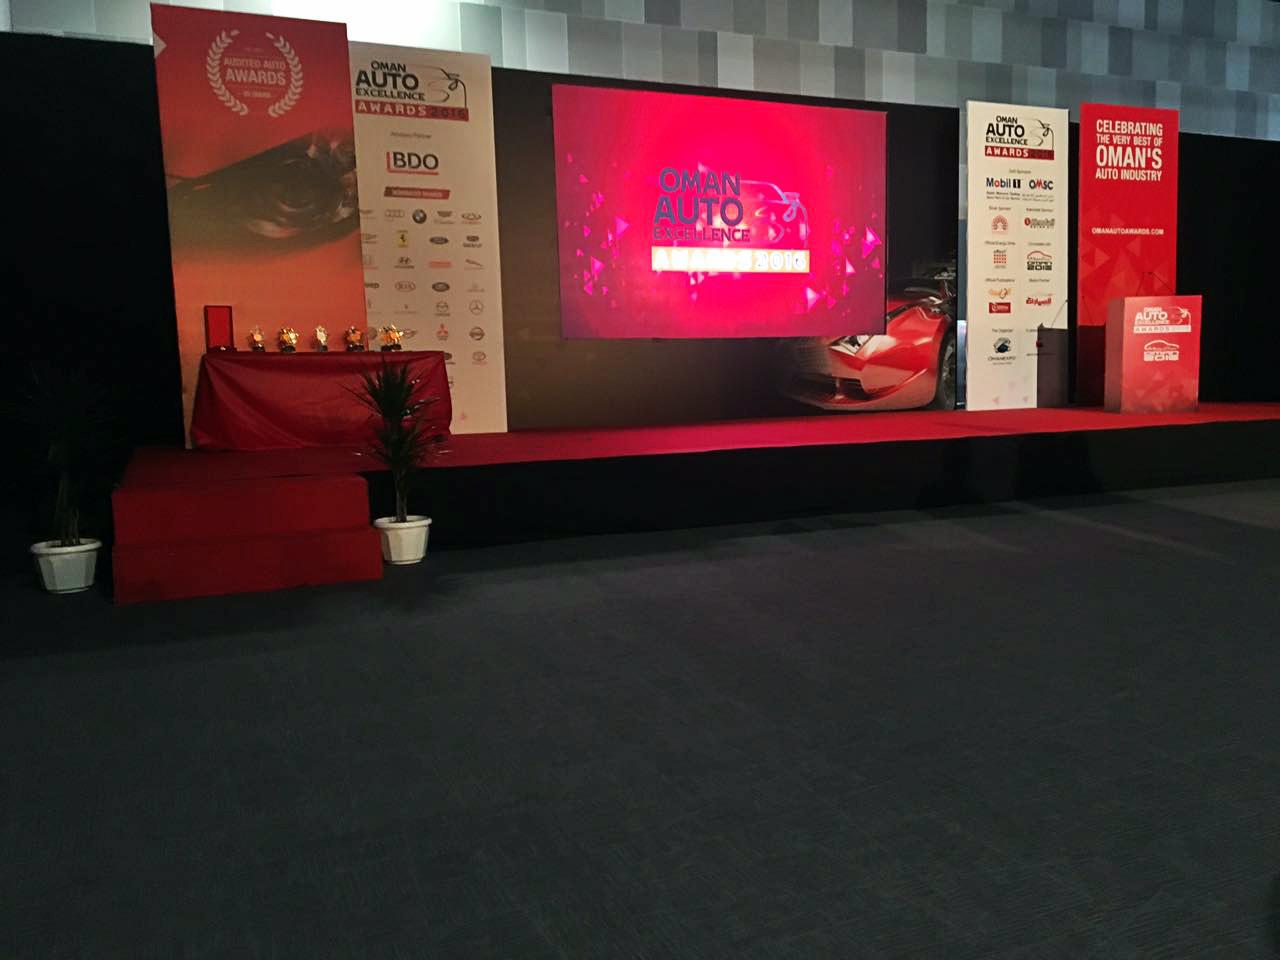 Oman Auto Excellence Awards 2016